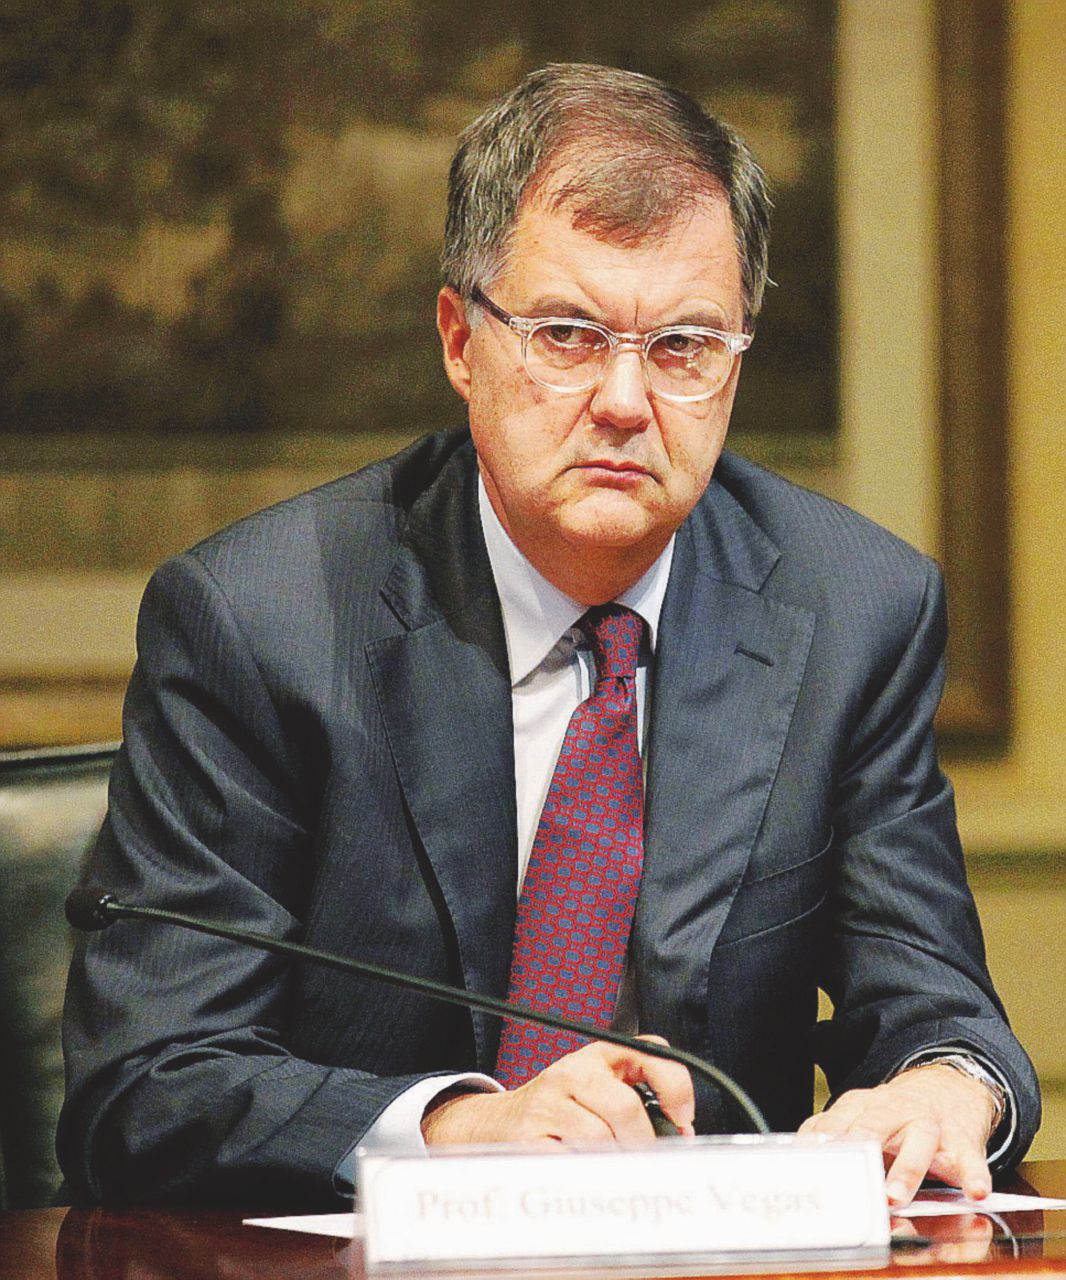 La mossa di Renzi per controllare Consob per un po'